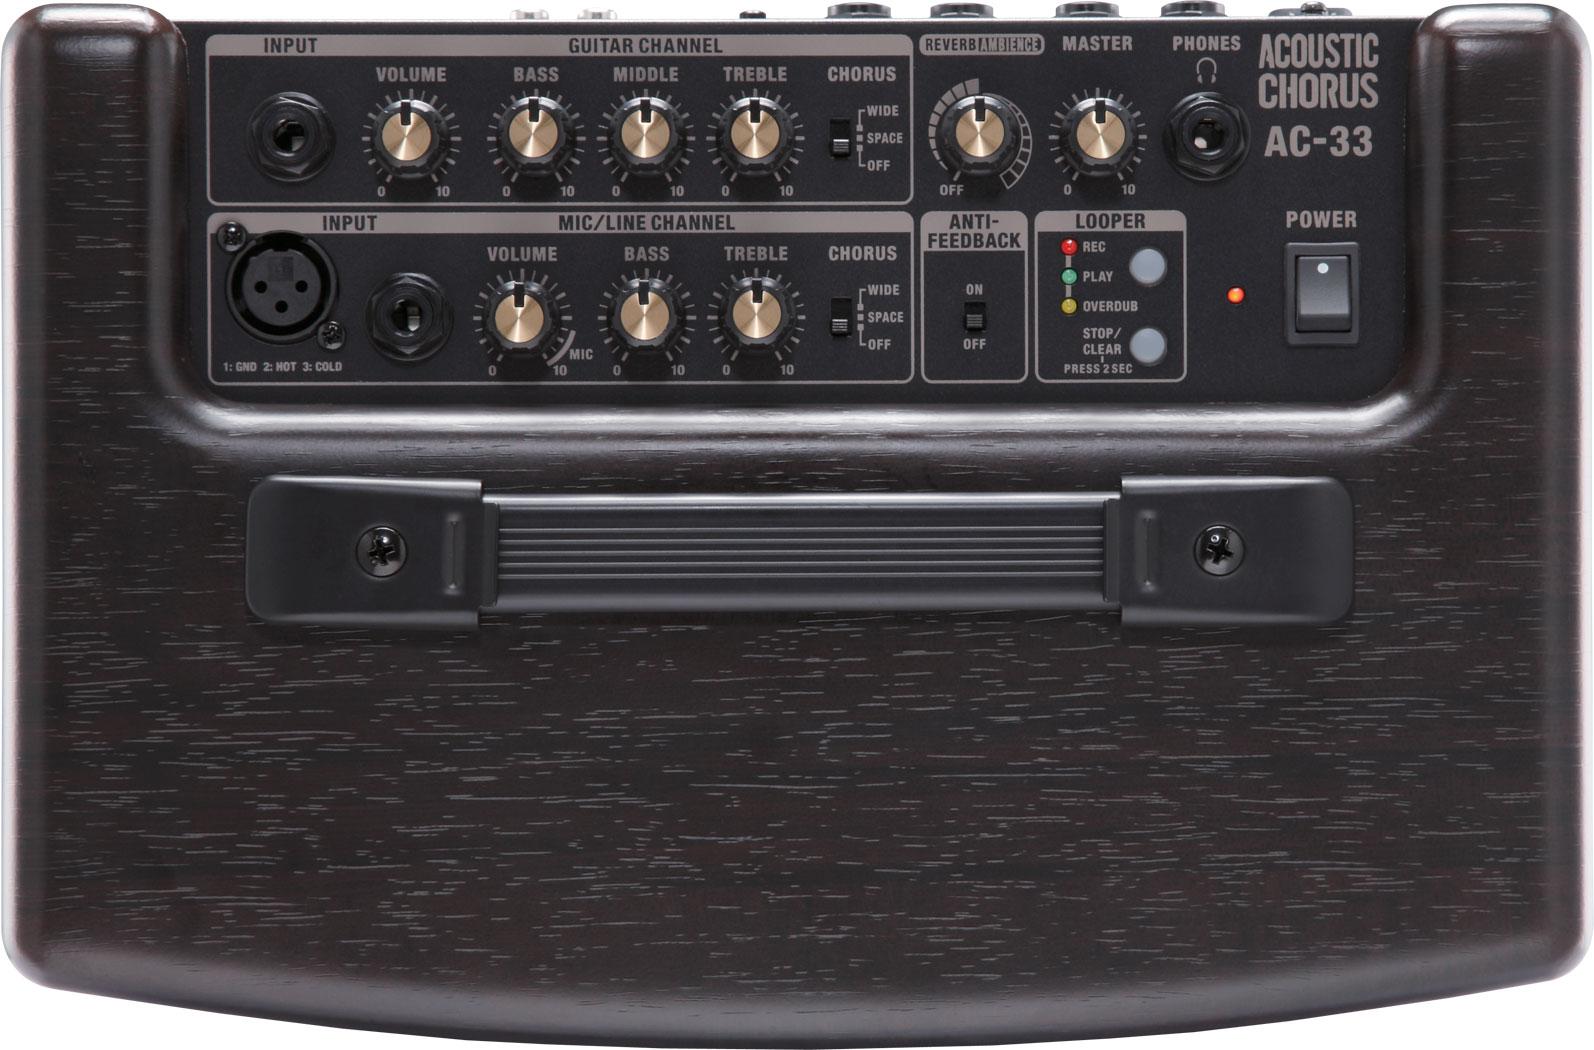 roland ac 33 acoustic chorus guitar amplifier rh roland com roland ac-33 manual pdf roland a-33 manual